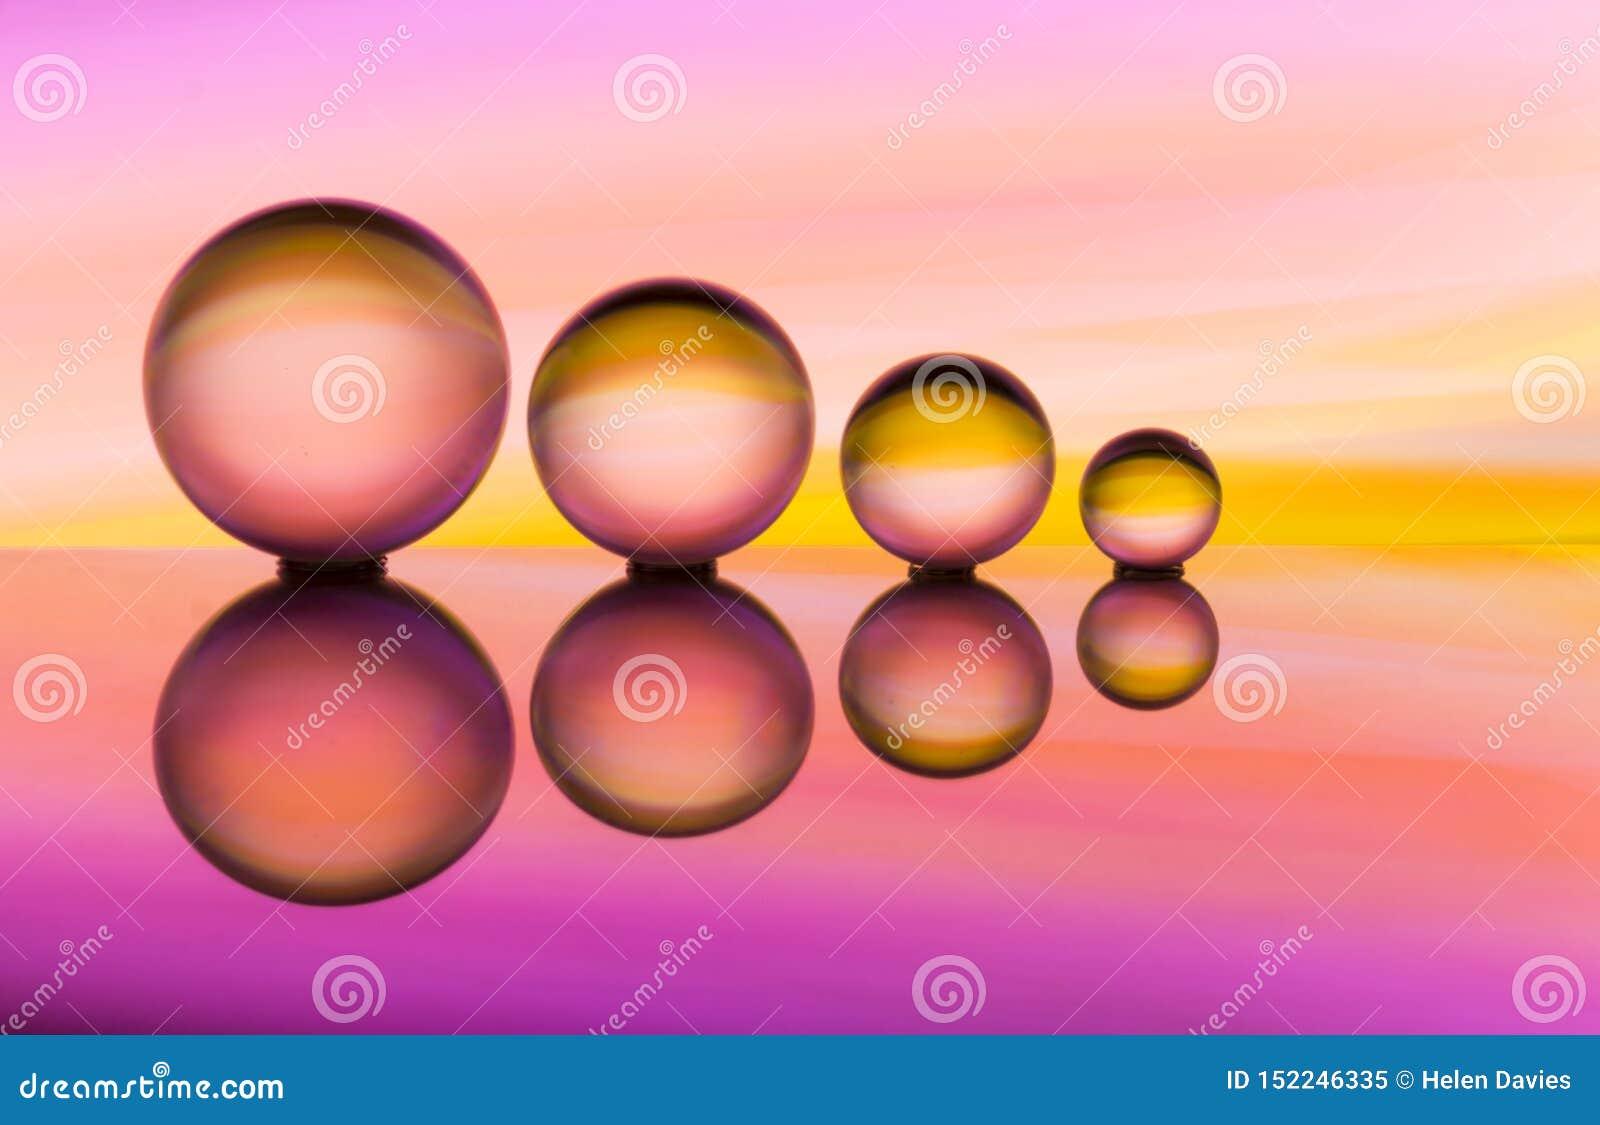 Cuatro bolas de cristal en fila con las rayas coloridas del color del arco iris detrás de ellas